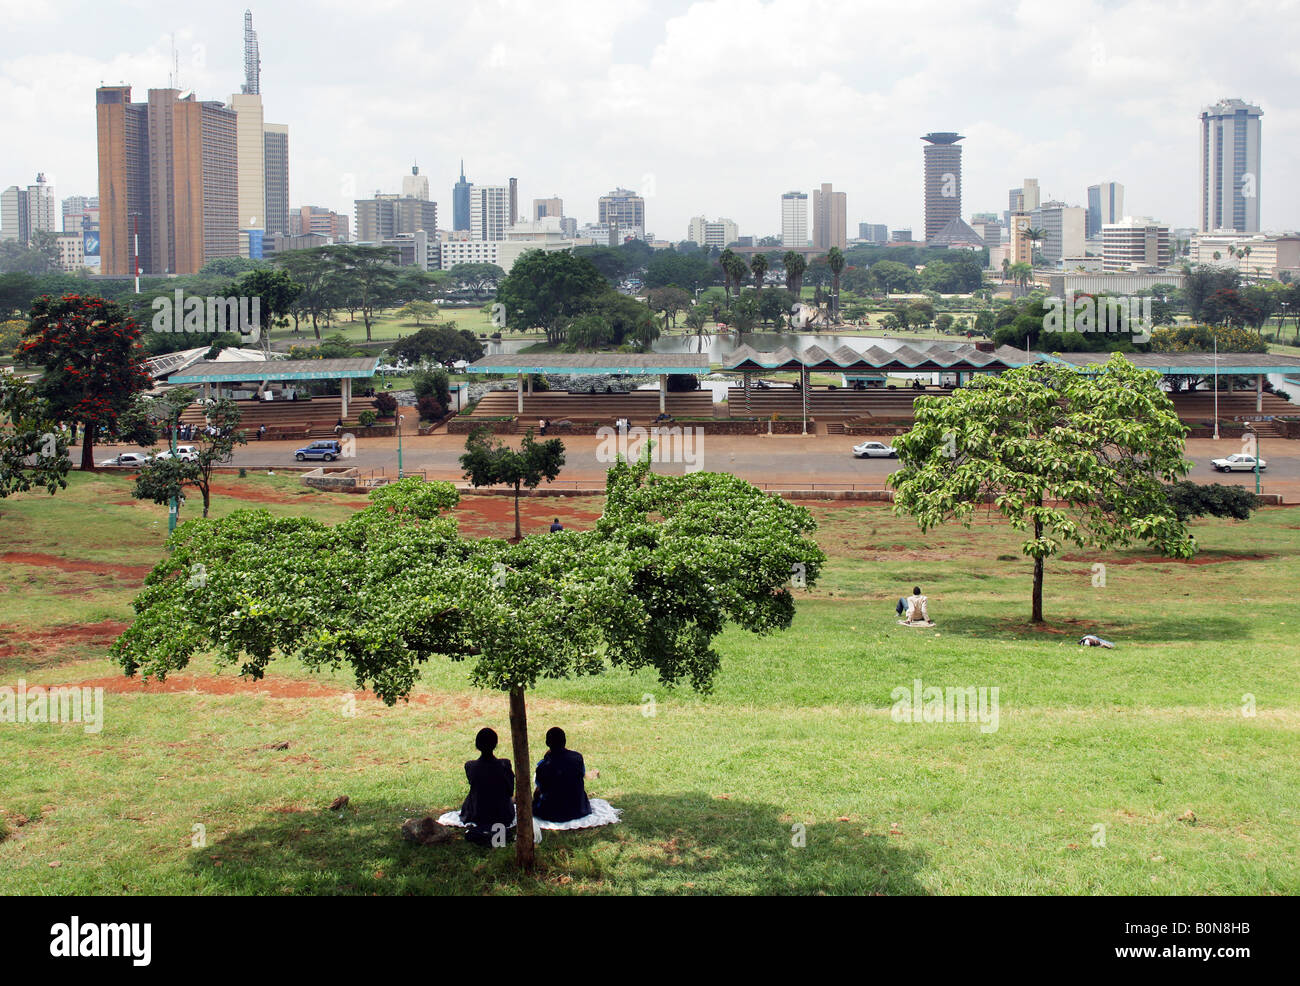 Kenya: vista desde el parque Uhuru al contorno de Nairobi. Imagen De Stock